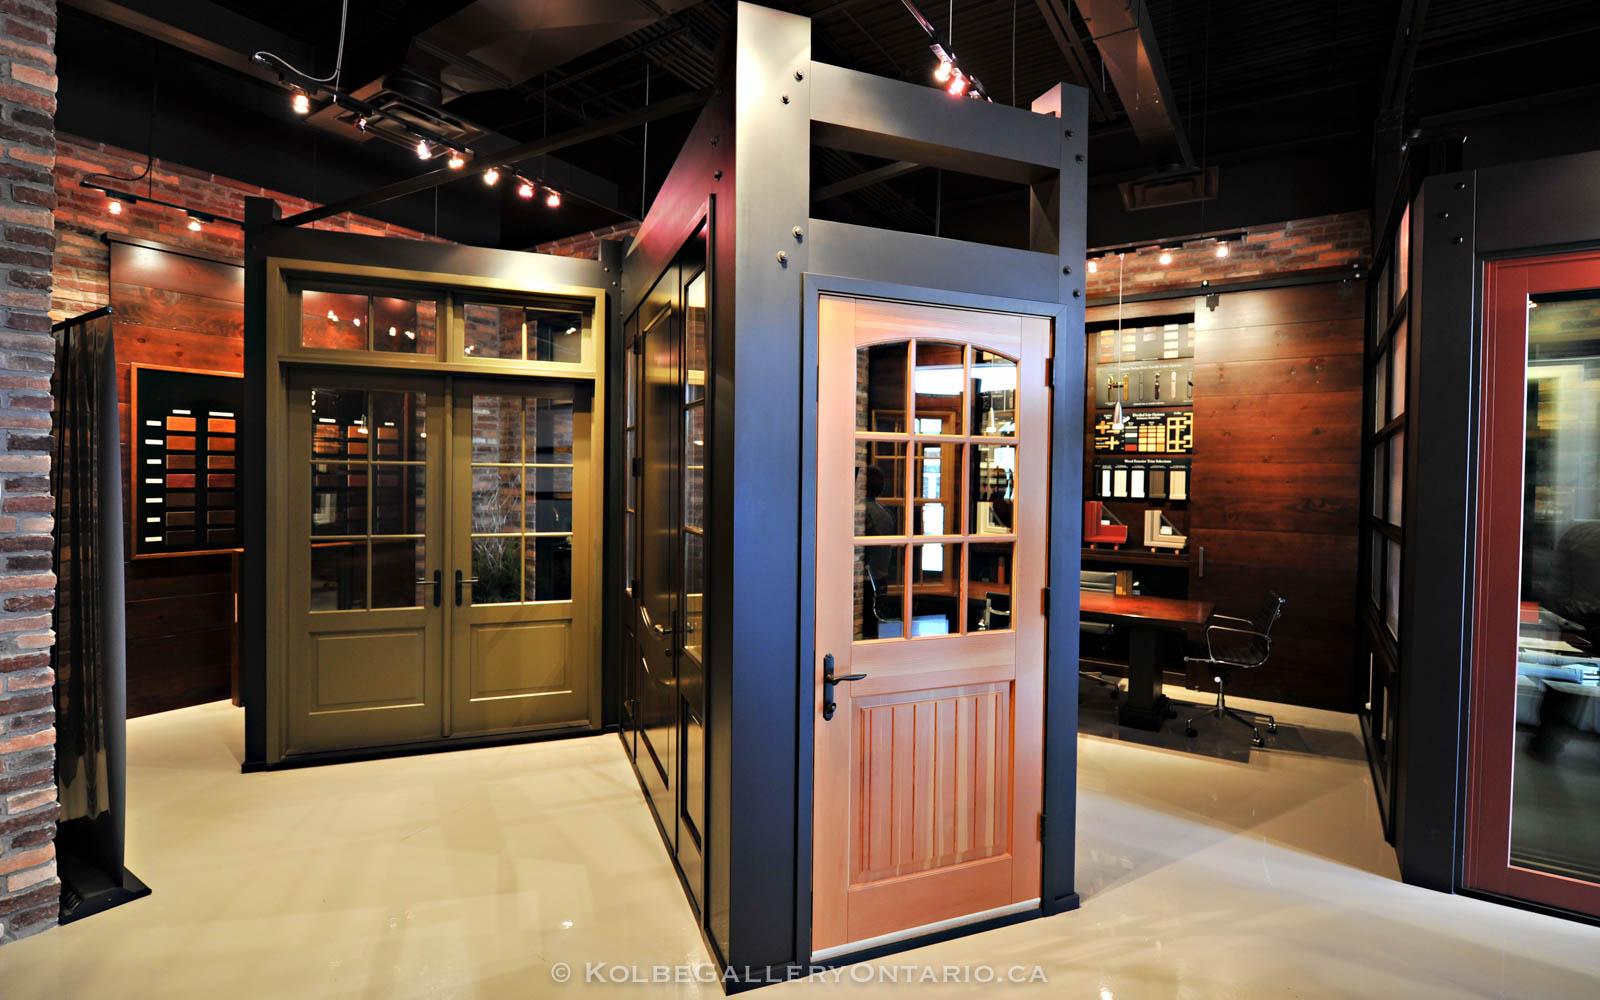 KolbeGalleryOntario.ca-windows-and-doors-Oakville-showroom-20120510-102557